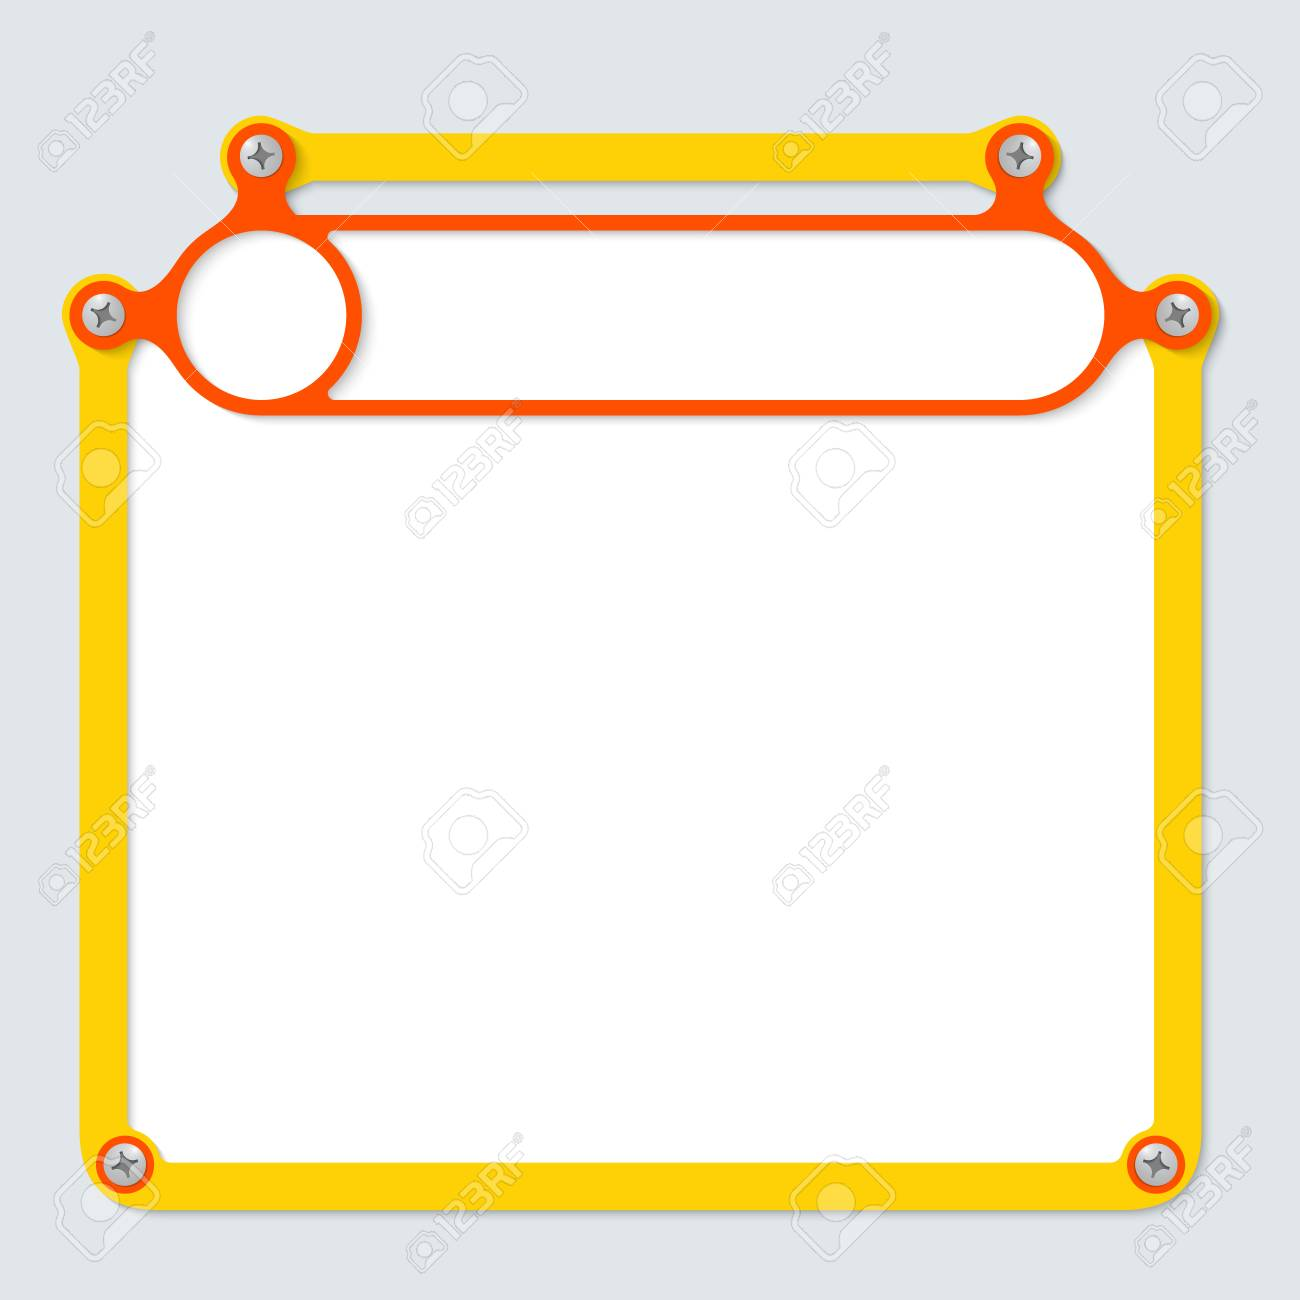 Gelber Rahmen Für Text Mit Schrauben Und Rahmen Für Überschrift ...